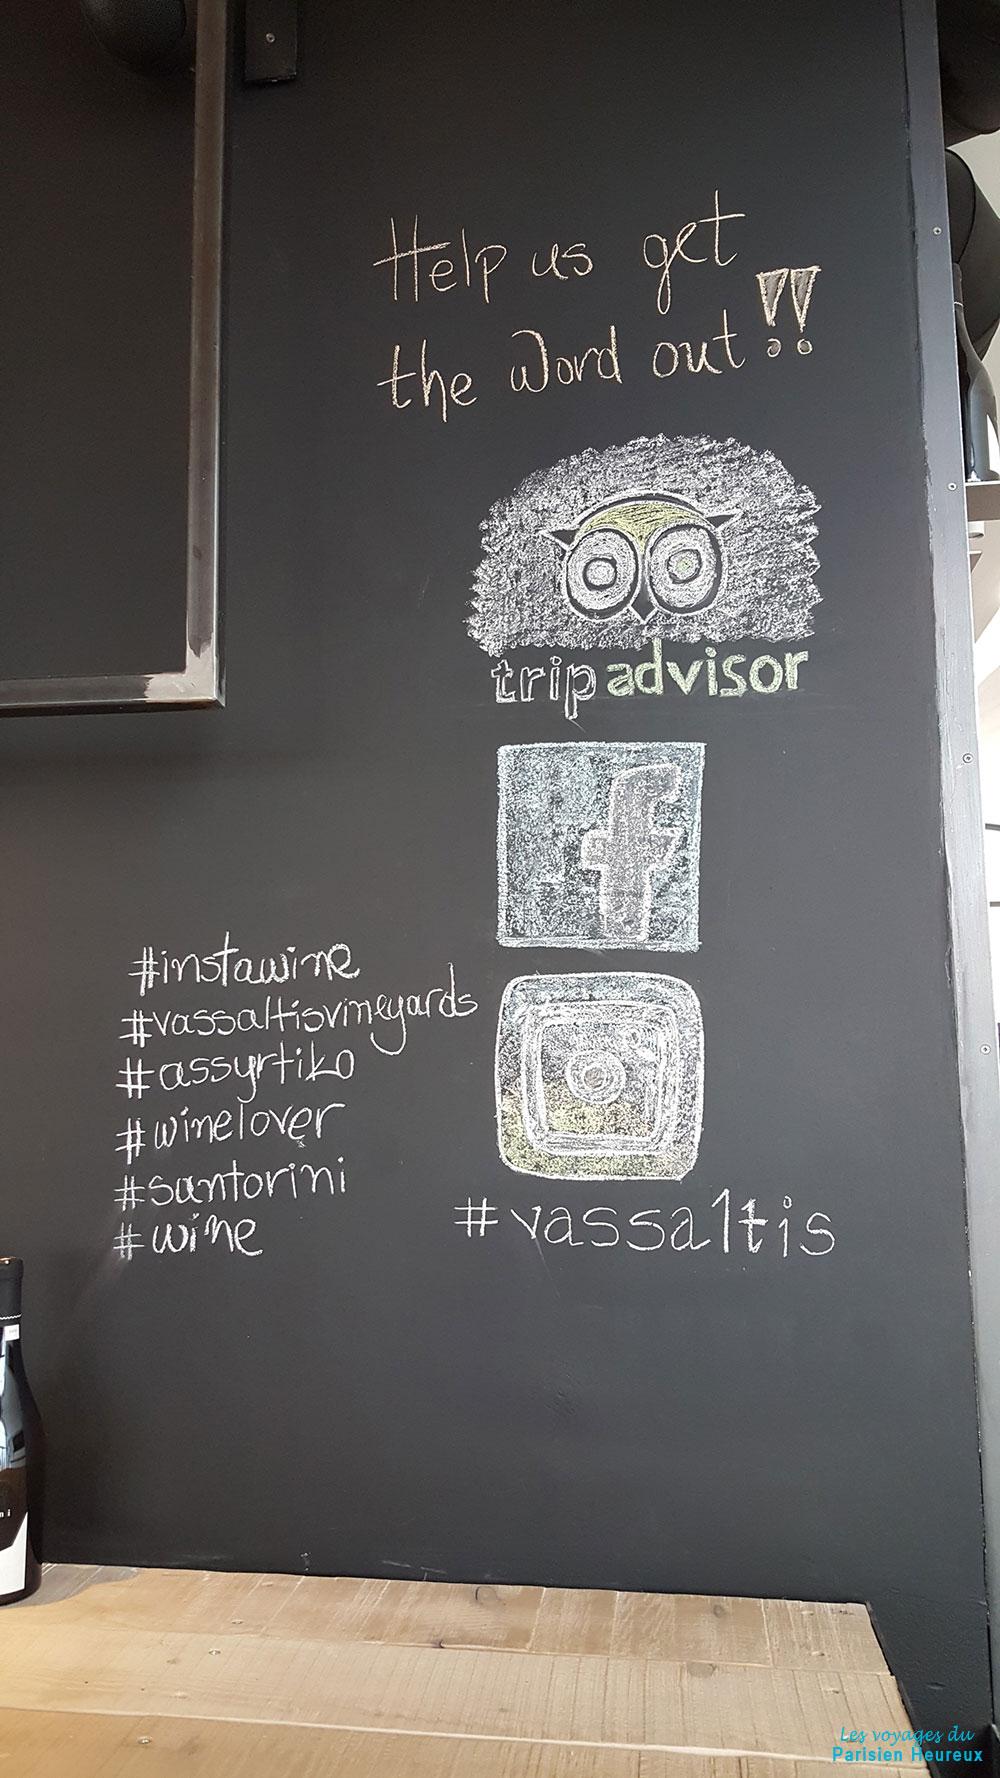 Vassaltis Vineyards est sur les réseaux sociaux